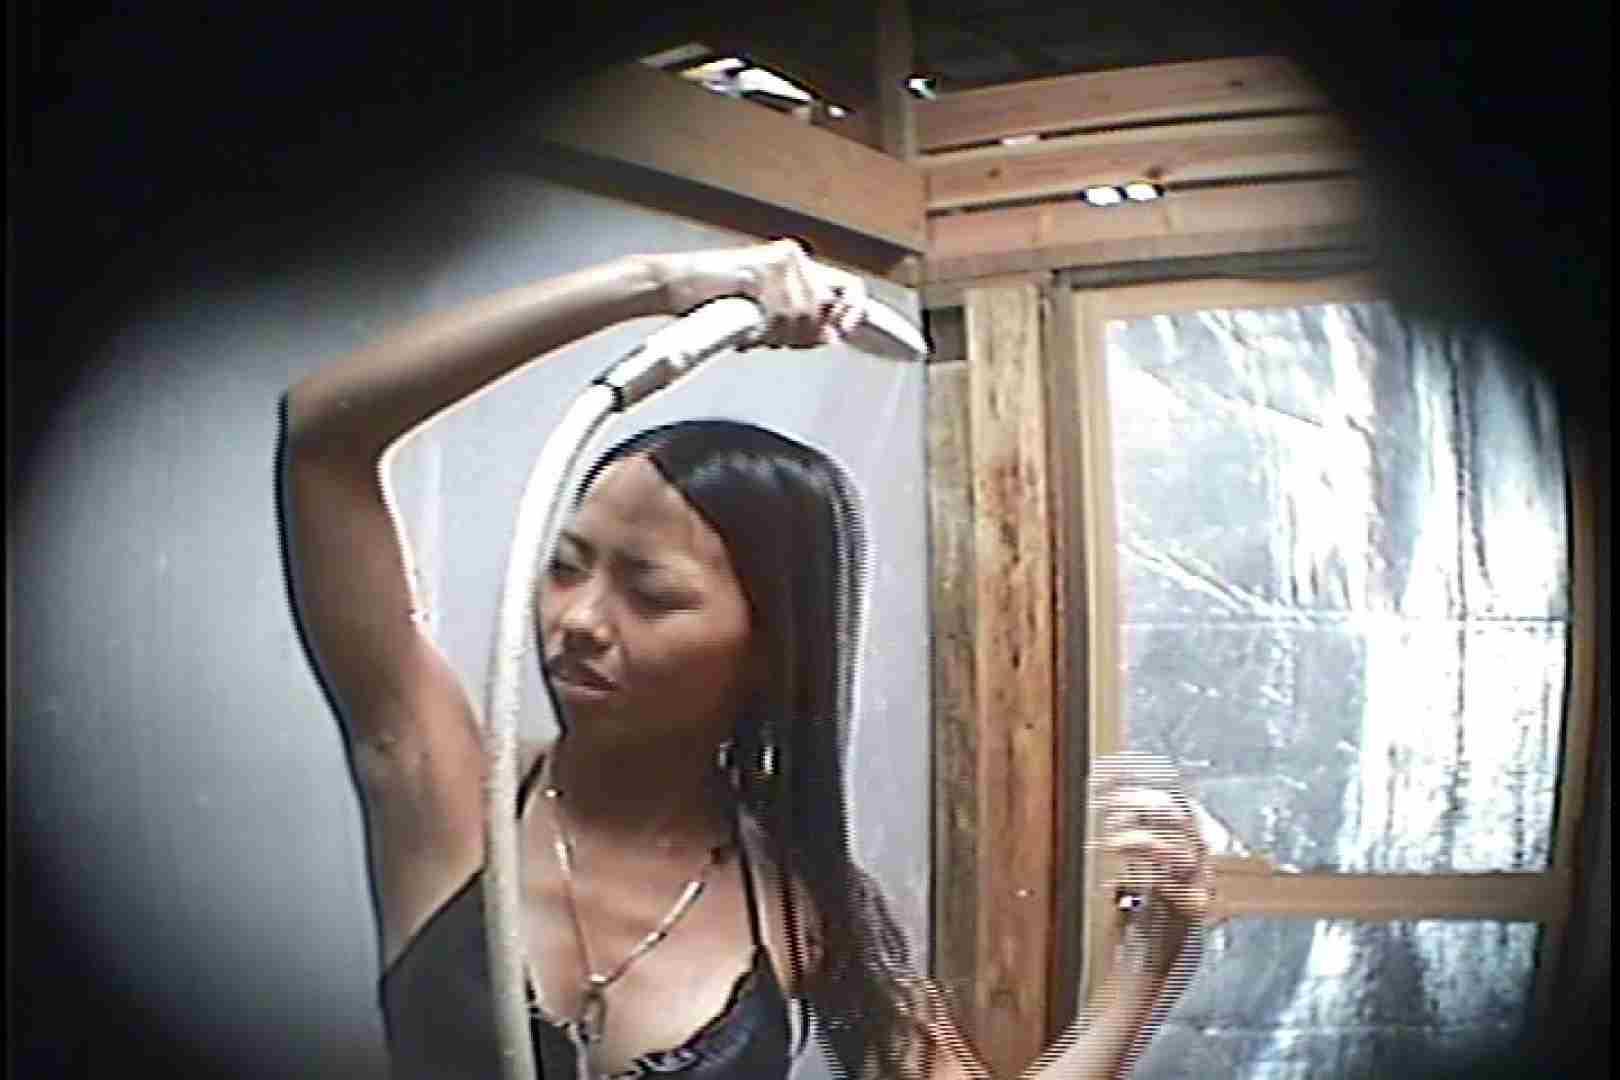 海の家の更衣室 Vol.45 シャワー中 | 美女達のヌード  64連発 35